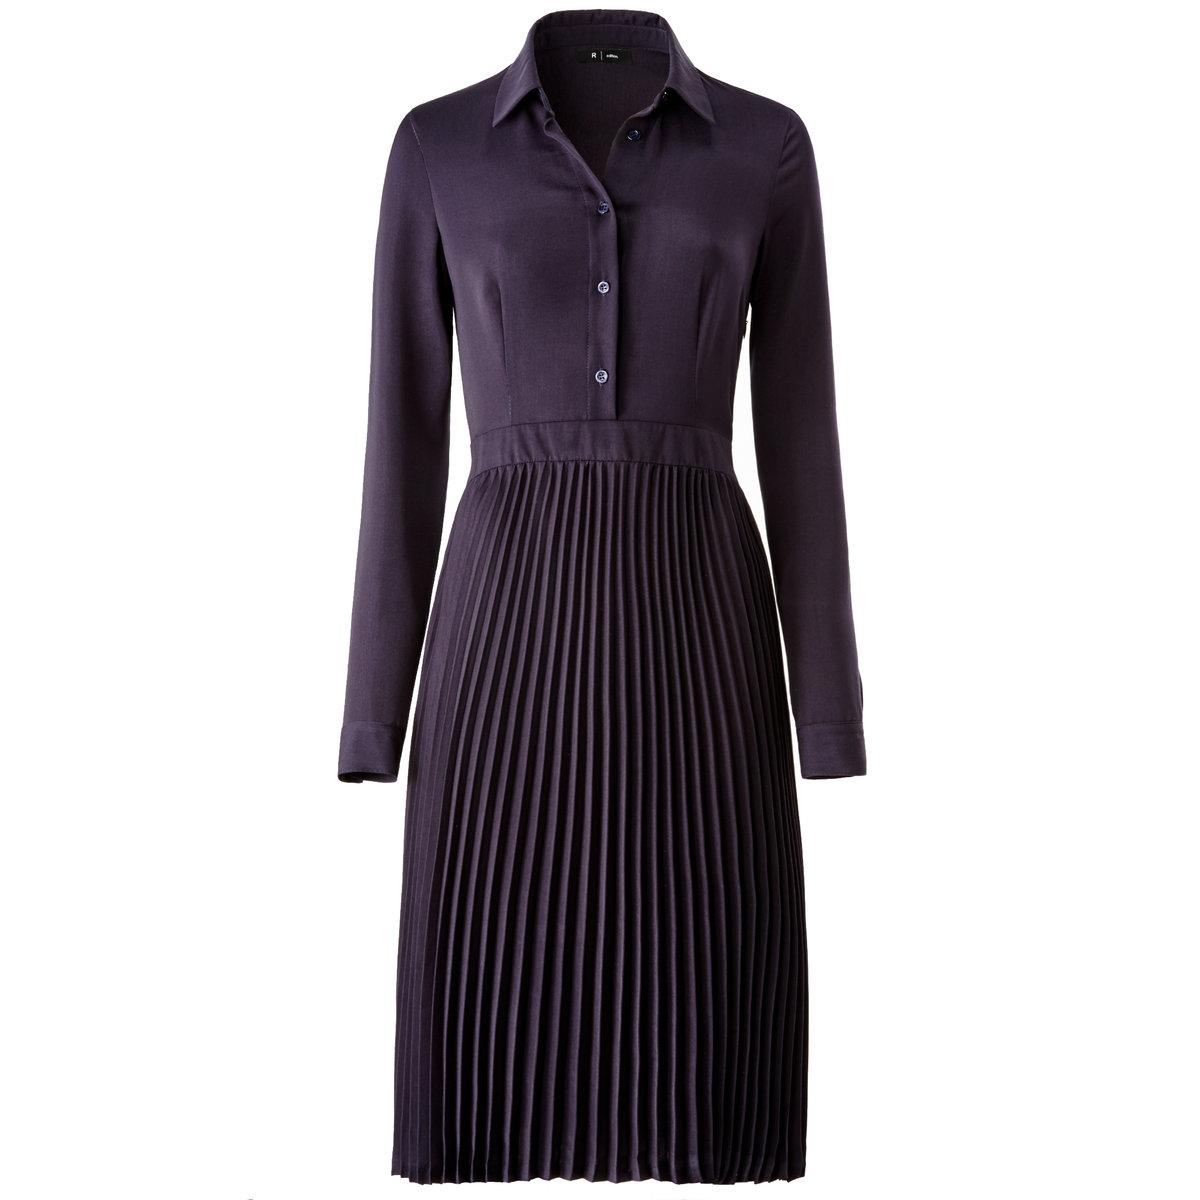 Платье со складками и длинным рукавомПлатье со складками. 100% полиэстер. Рубашечный воротник. Длинные рукава. Длина 110 см.<br><br>Цвет: синий морской<br>Размер: 44 (FR) - 50 (RUS)